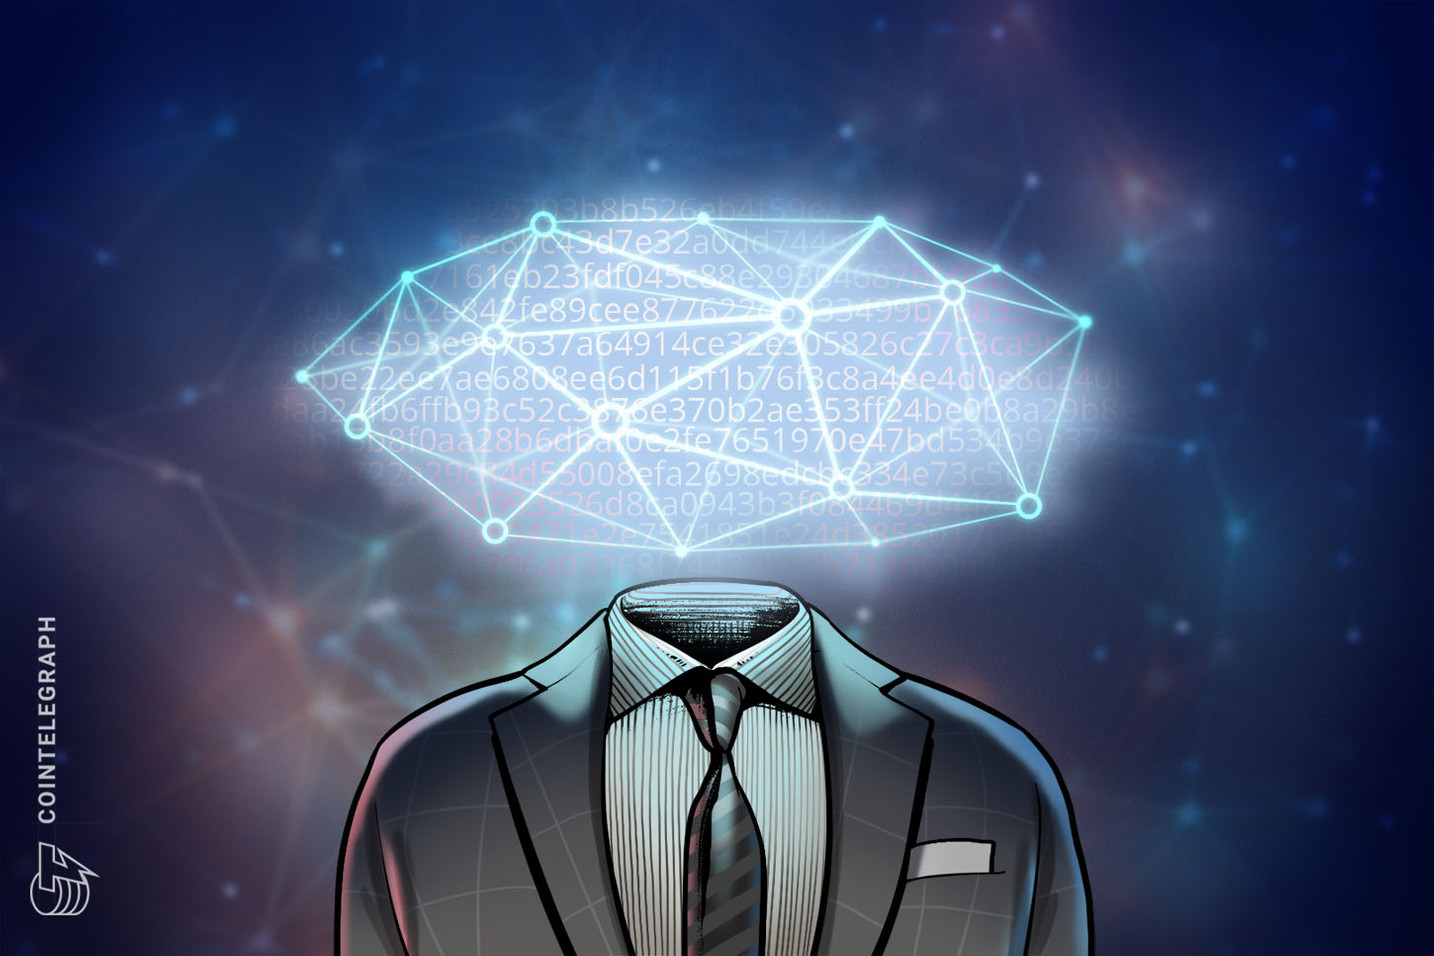 仮想通貨・ブロックチェーン関連求人が増加、専門知識への需要高まる